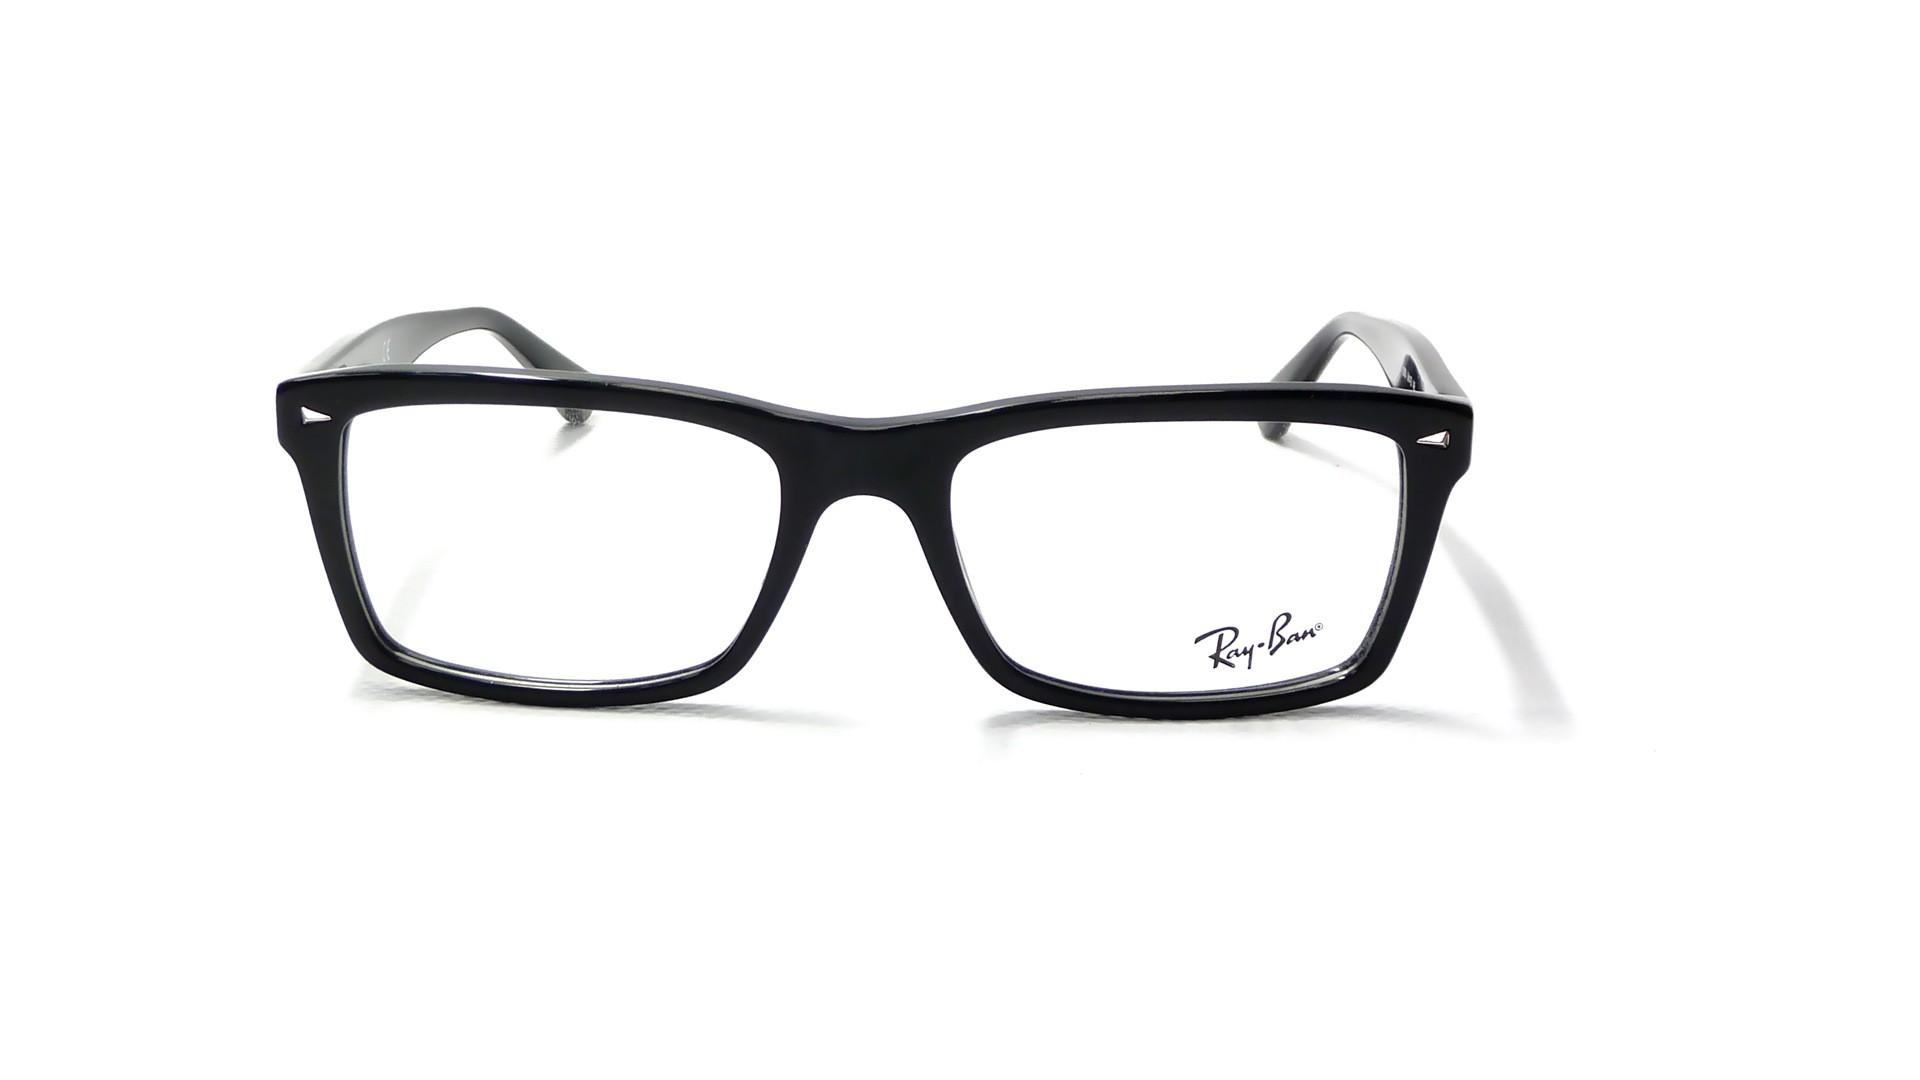 3f9c0217e6 Eyeglasses Ray-Ban RX5287 RB5287 2000 54-18 Black Medium